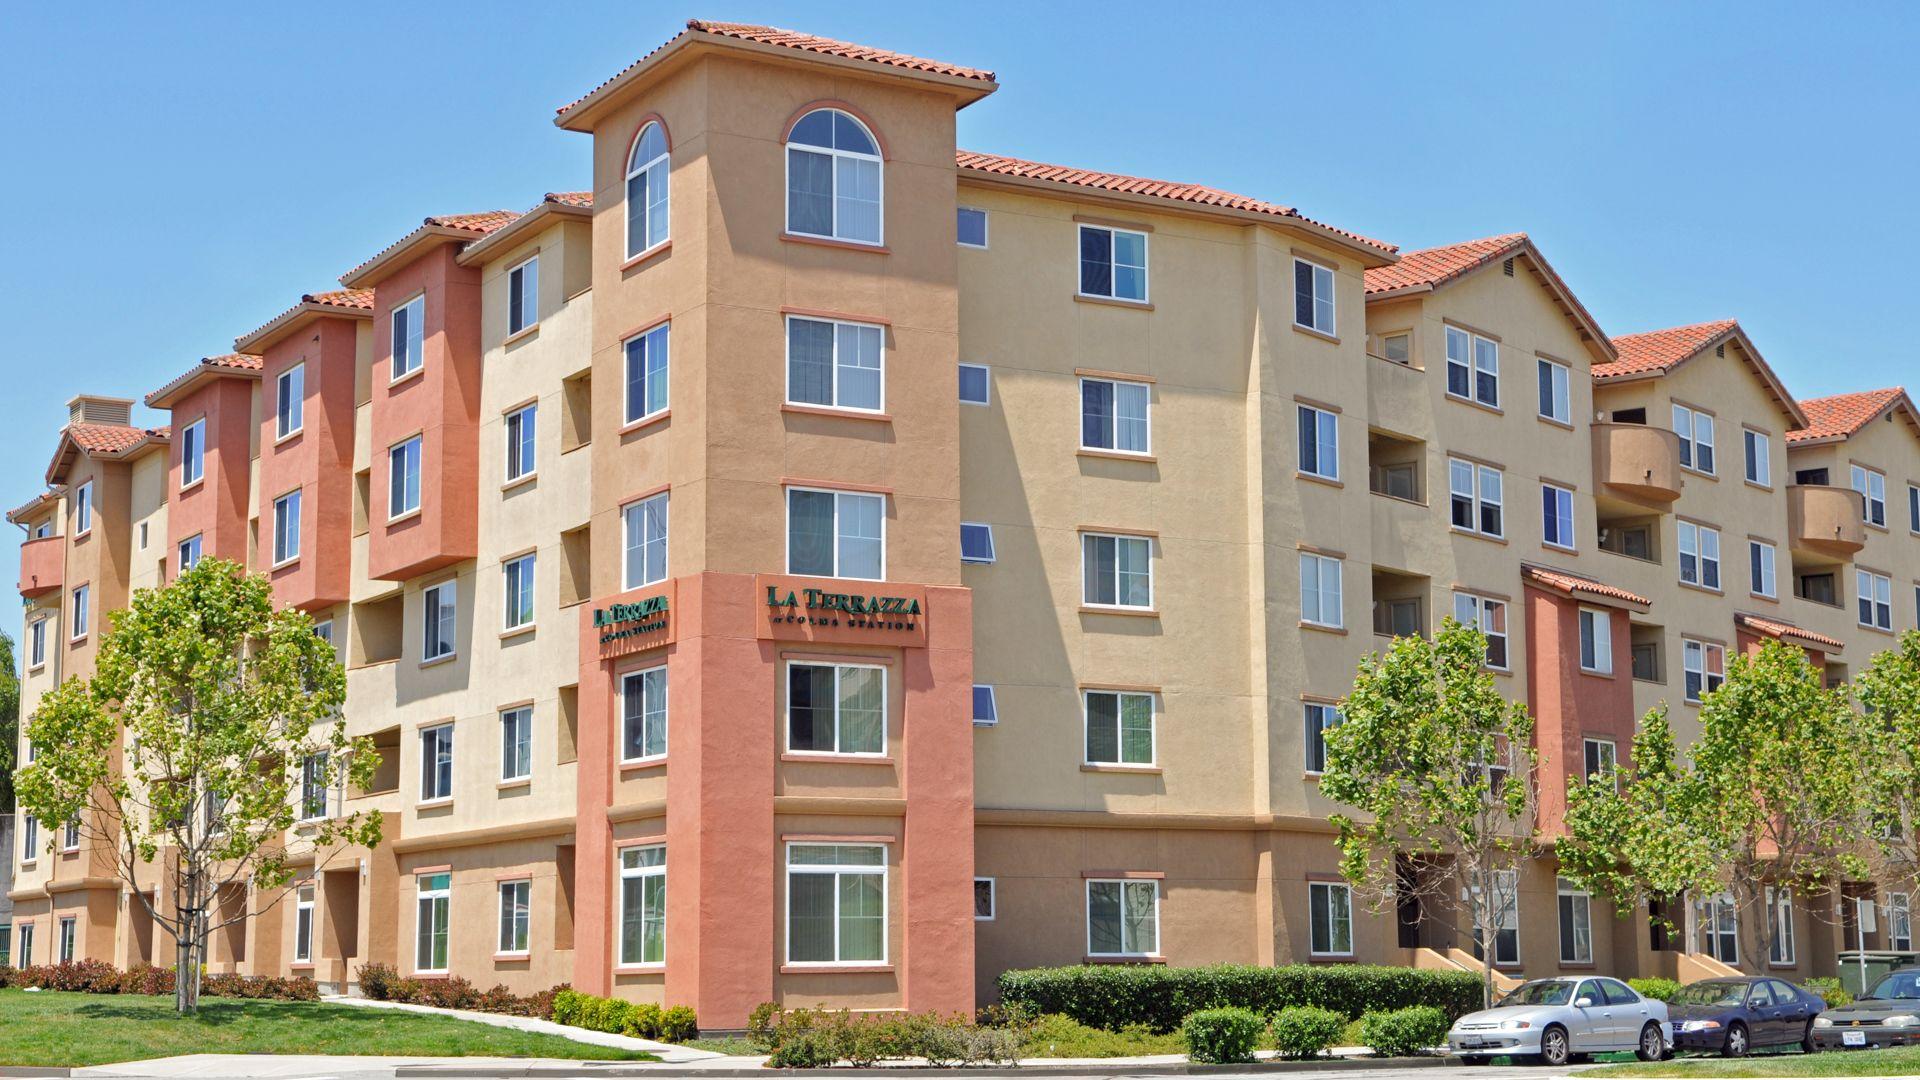 La Terrazza Apartments - Building